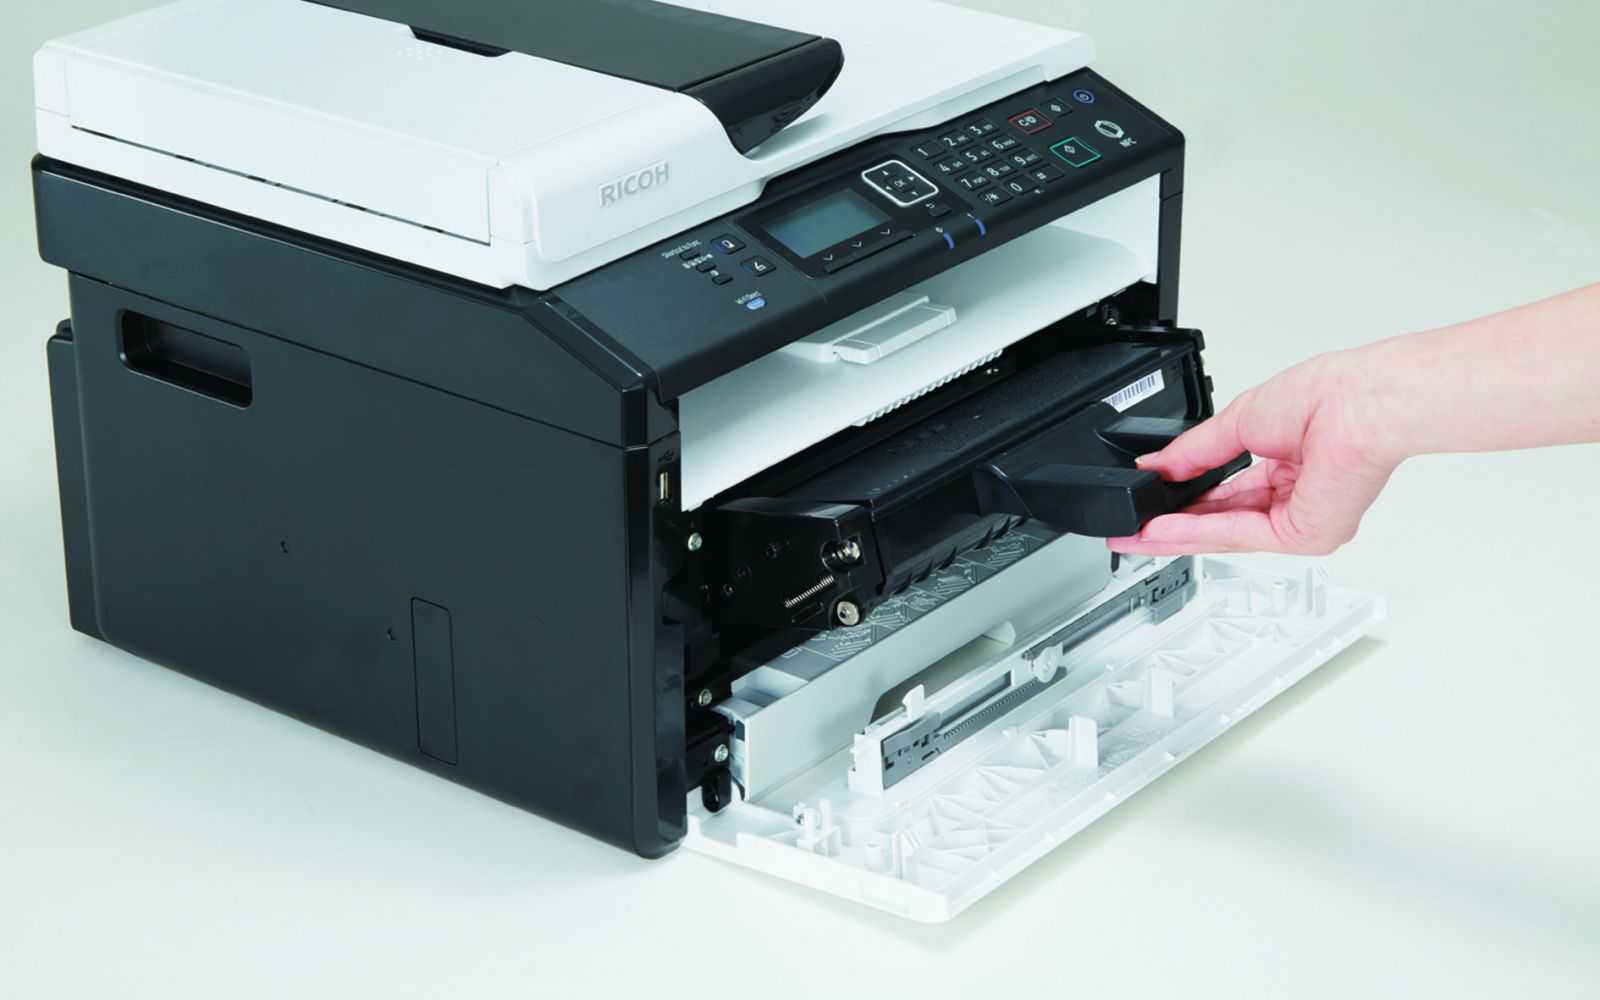 Ricoh представляет на российском рынке новые экономичные принтеры и МФУ (Ricoh sp 220SFNw)